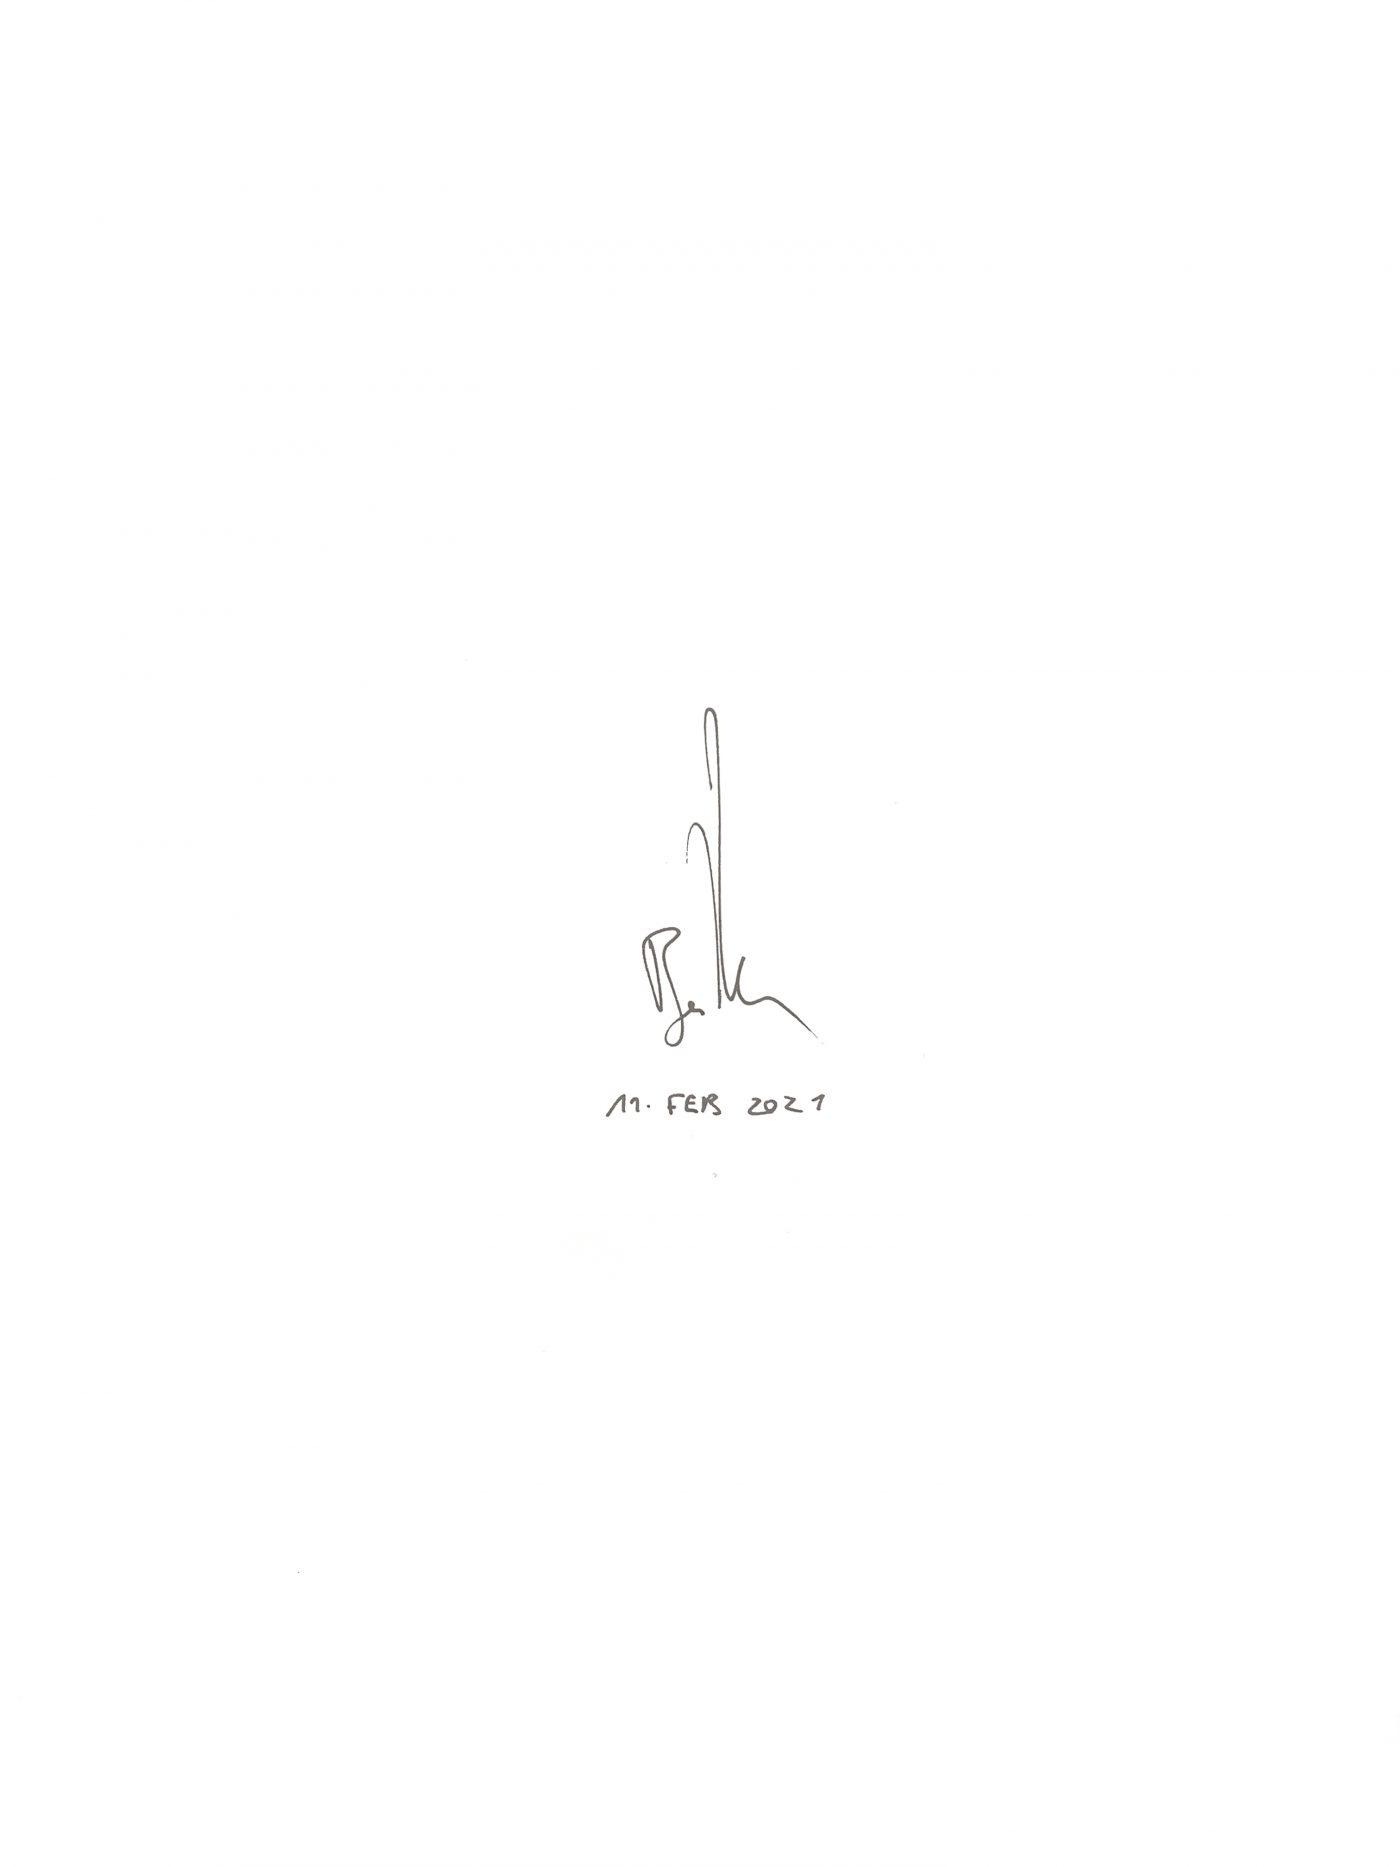 x408 - 11 Feb 2021